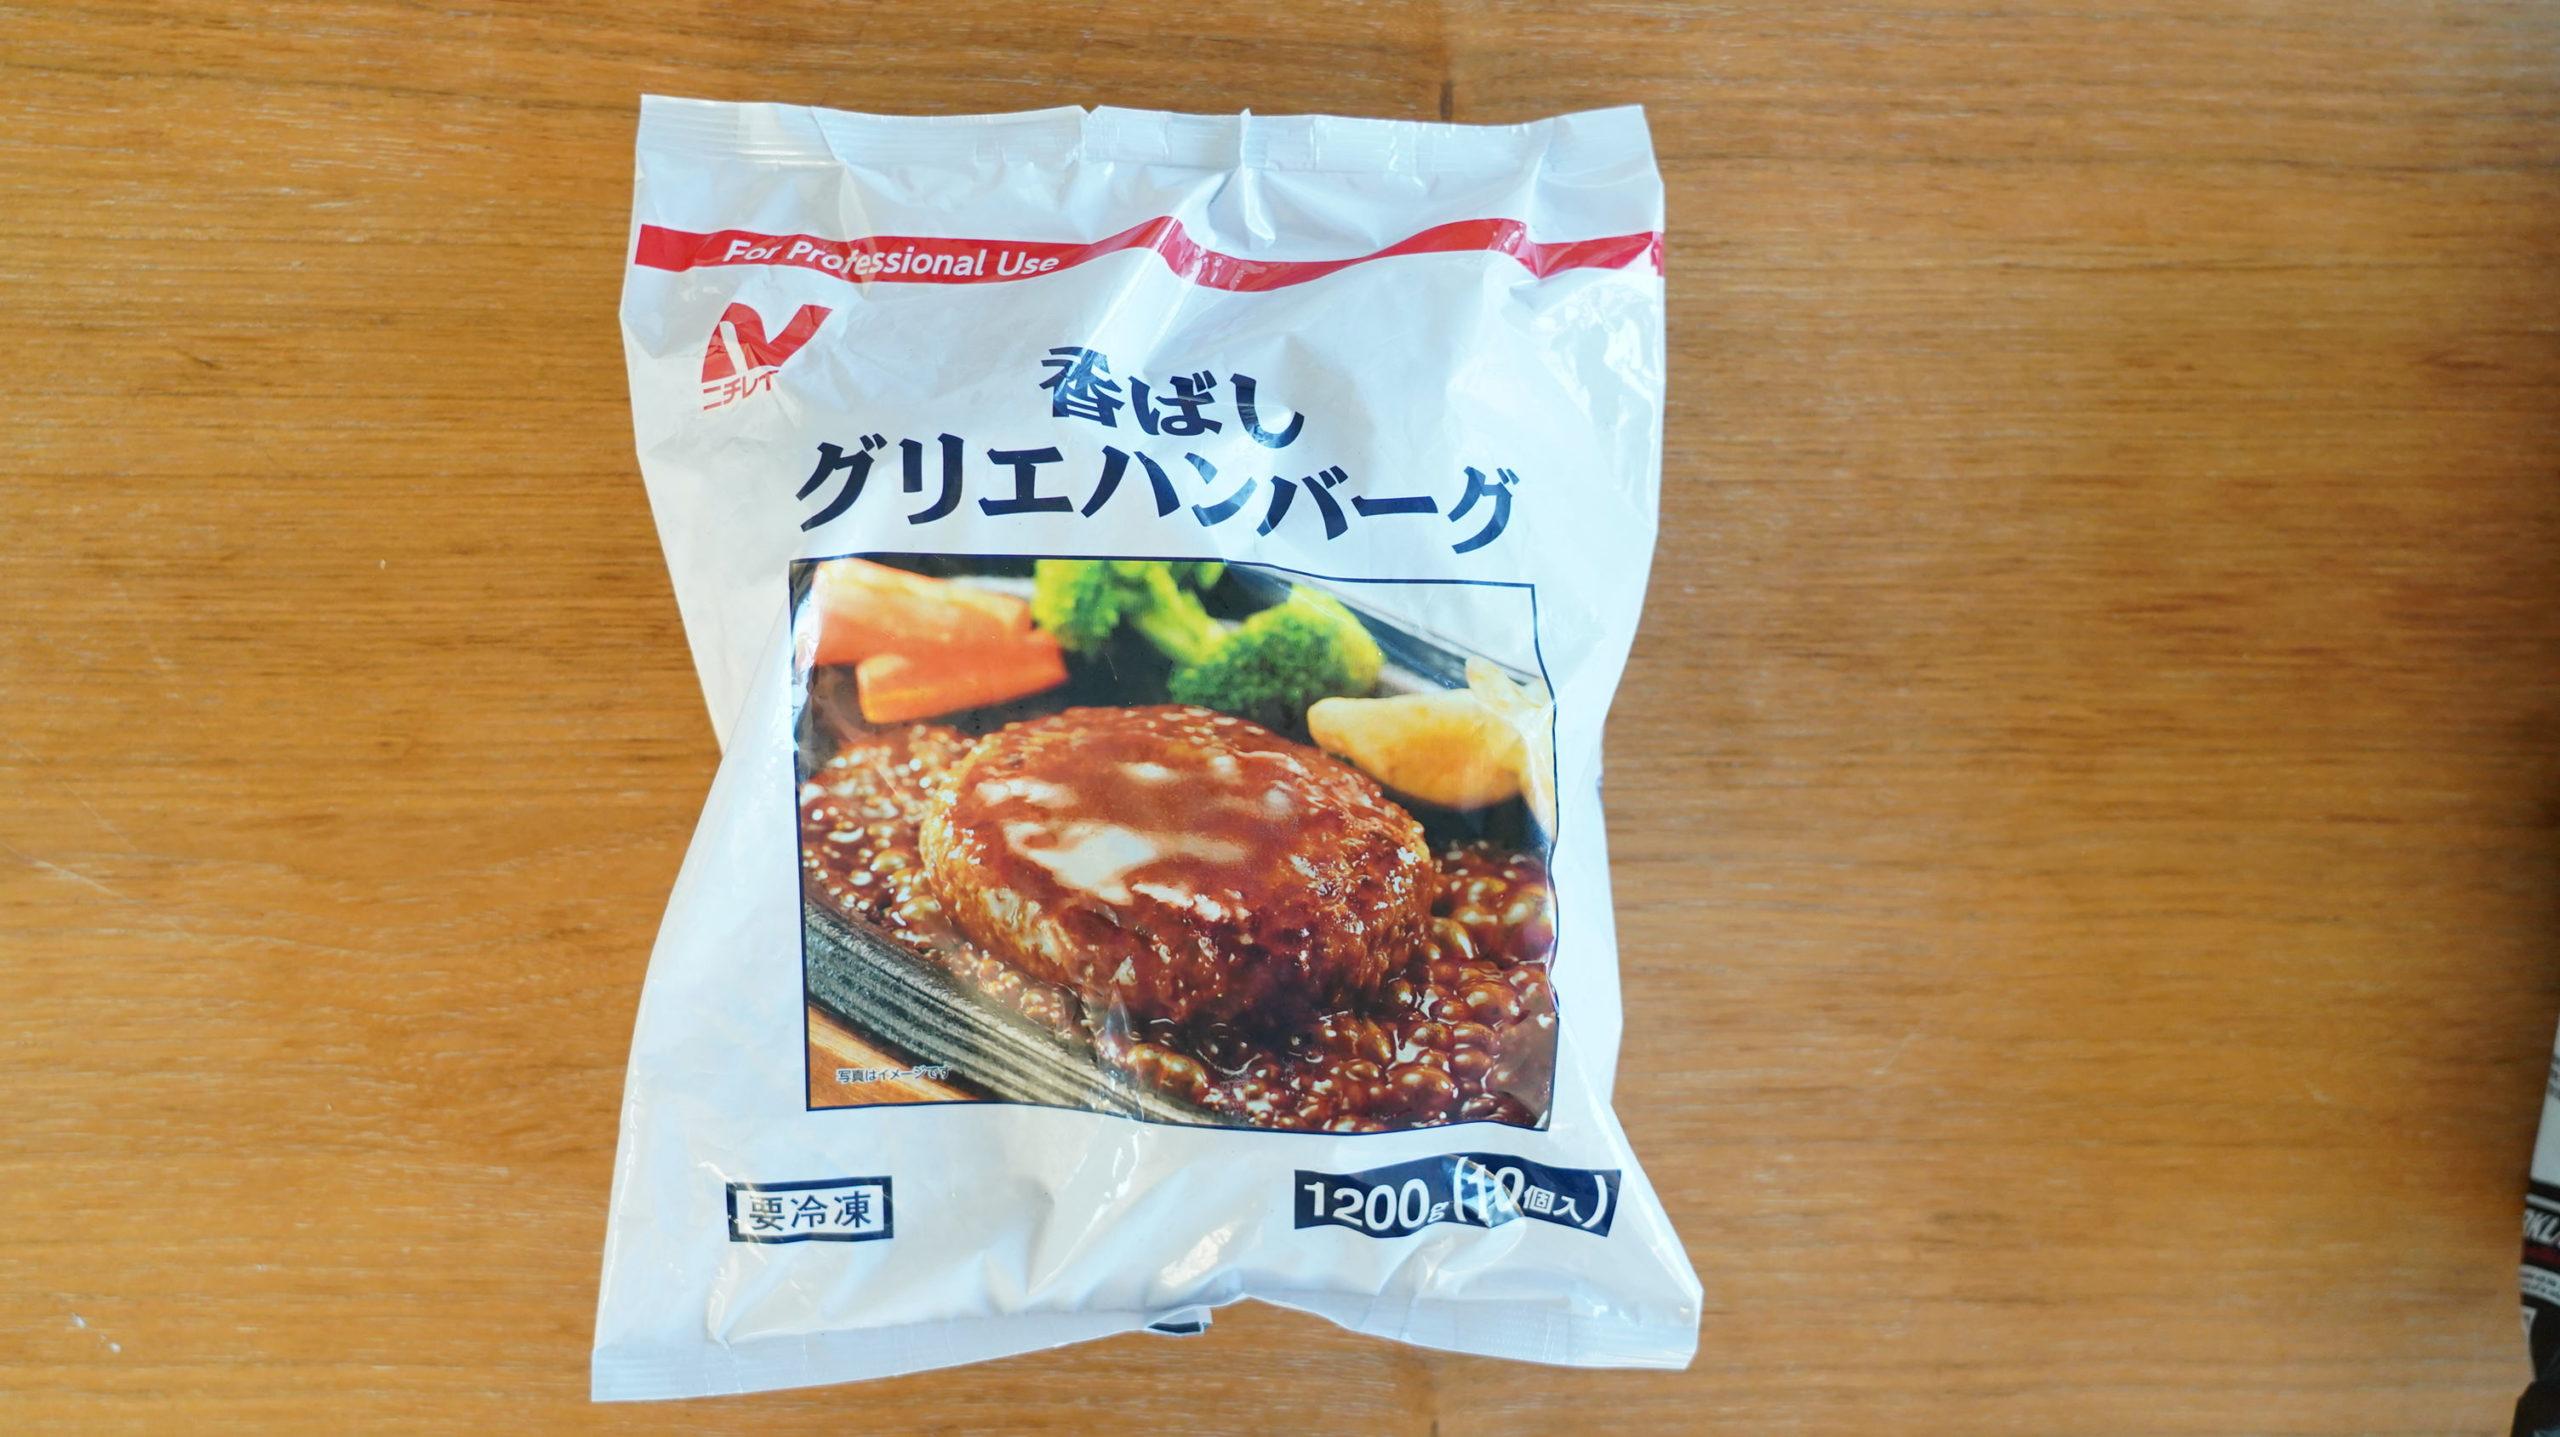 コストコの冷凍食品「香ばしグリエ・ハンバーグ」のパッケージ写真